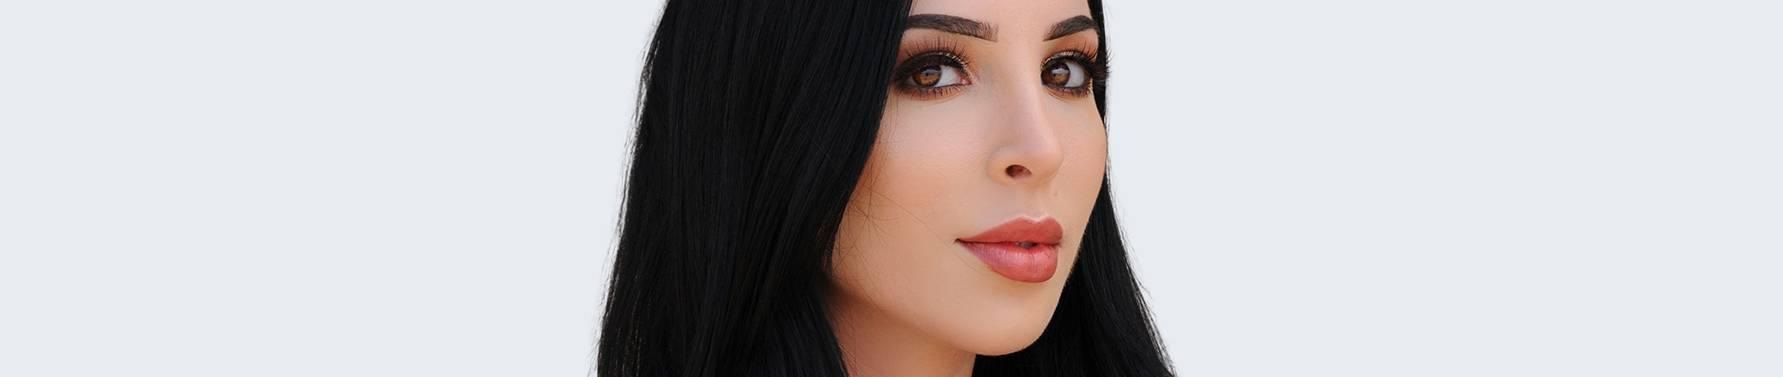 一个有着黑色长发和可爱鼻子的漂亮女人的大头照